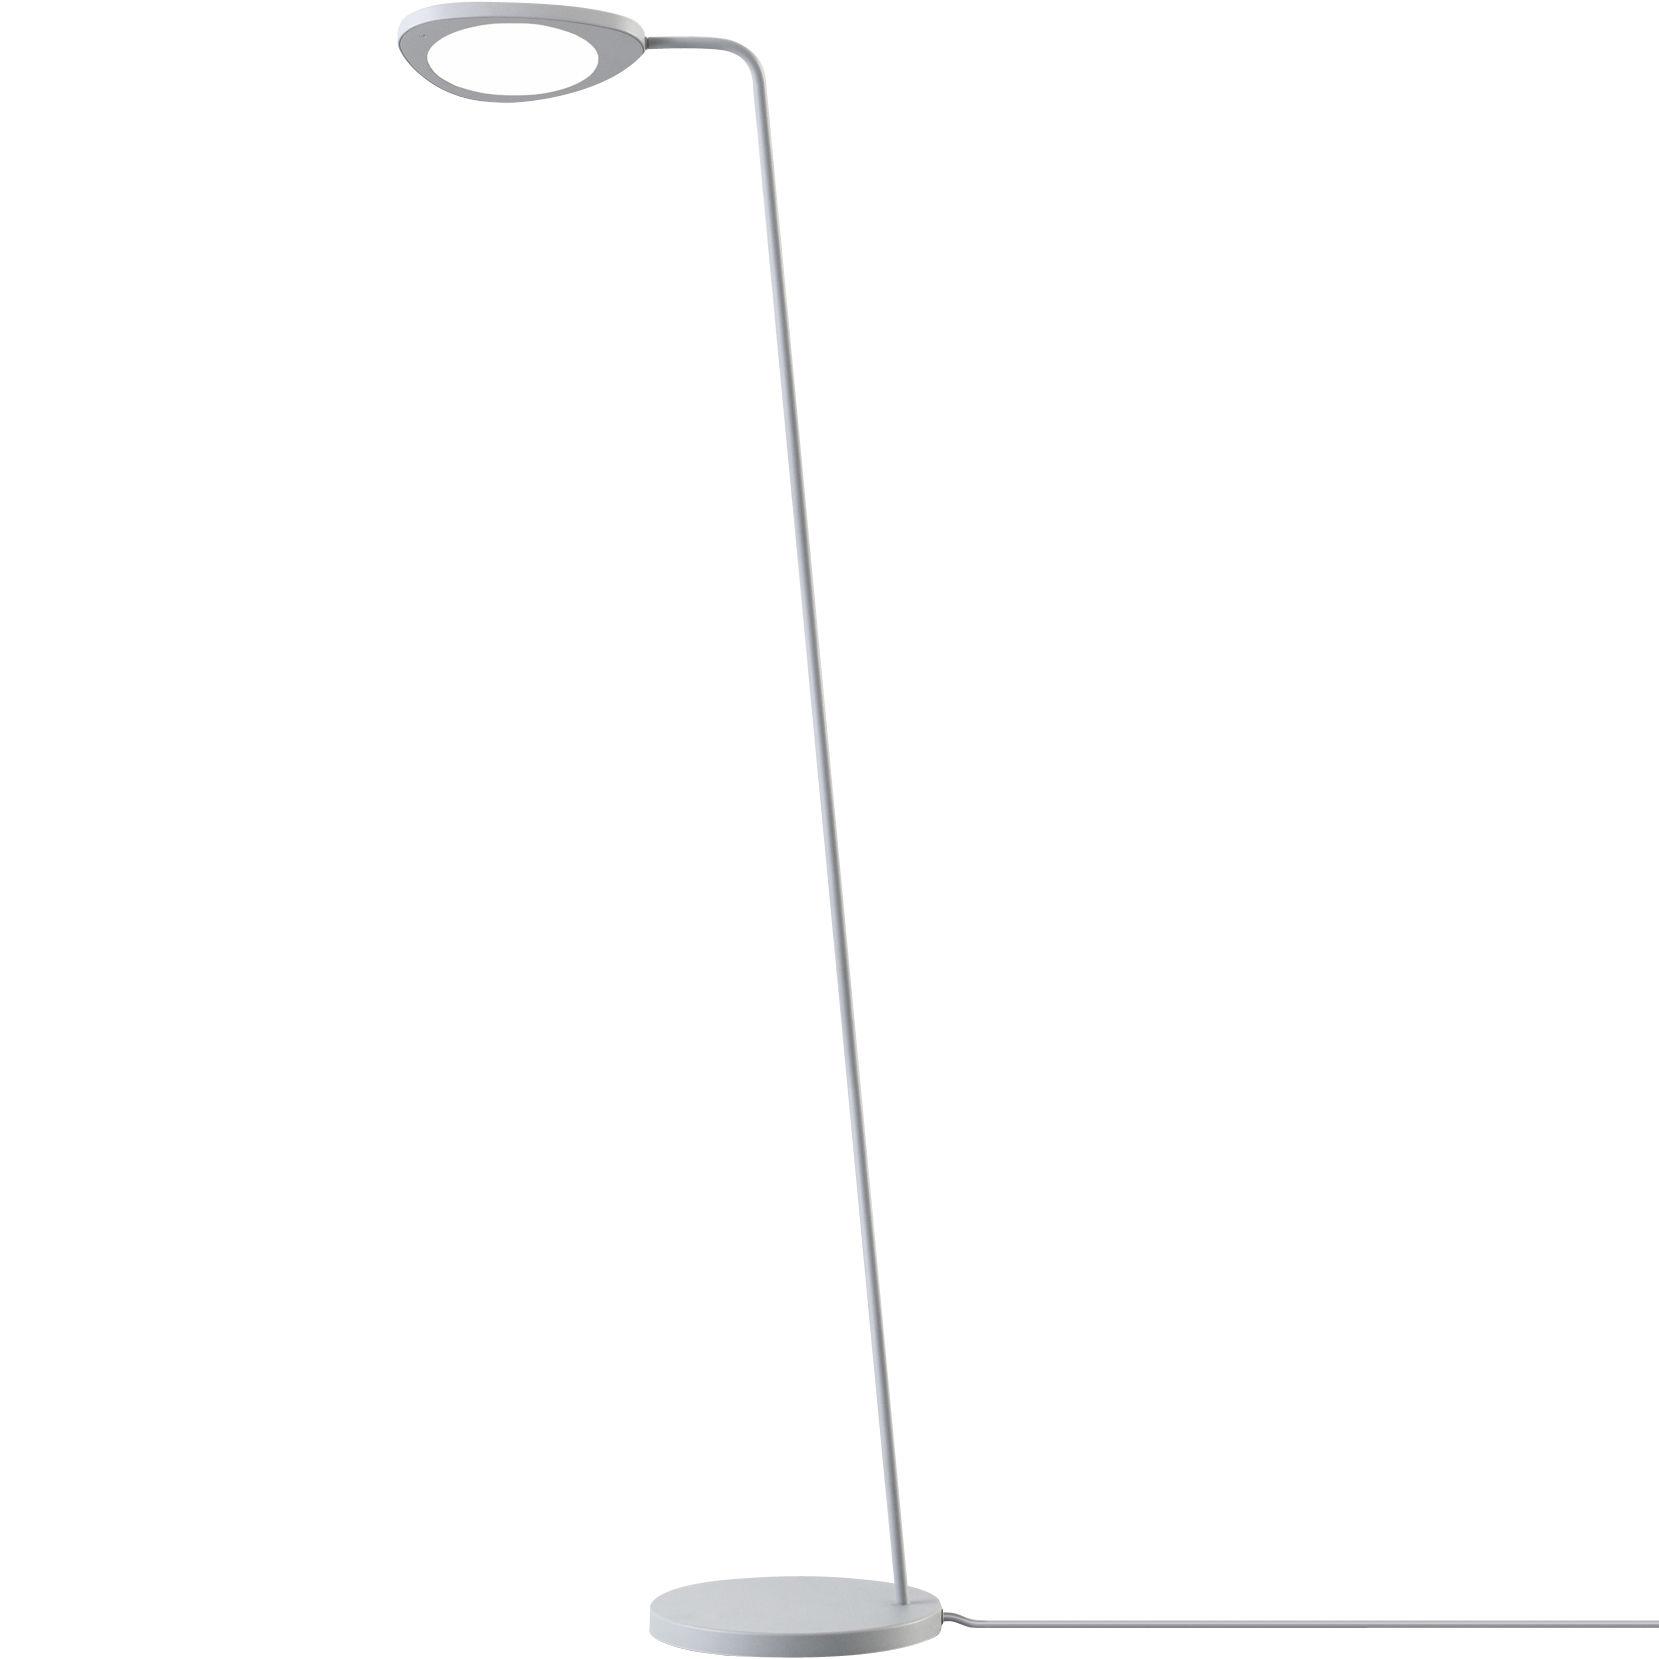 Luminaire - Lampadaires - Lampadaire Leaf / LED - Métal - Muuto - Gris - Aluminium